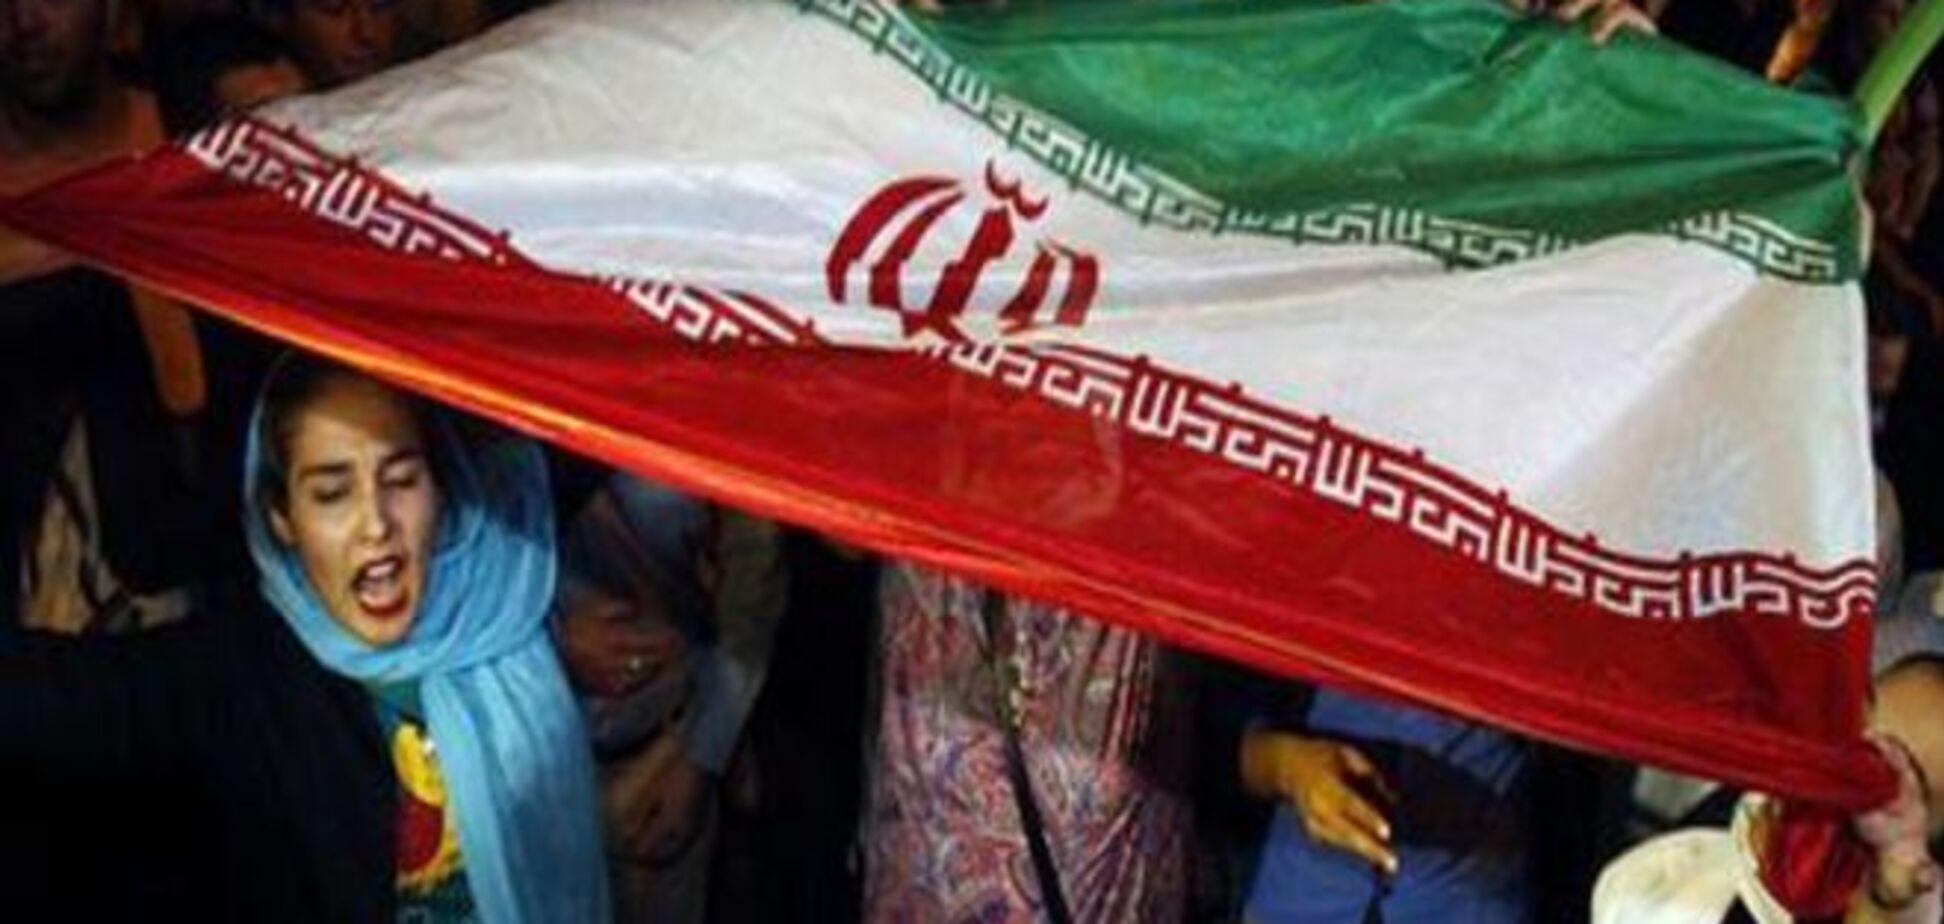 Більшість німців вітають угоду 'шістки' з Іраном